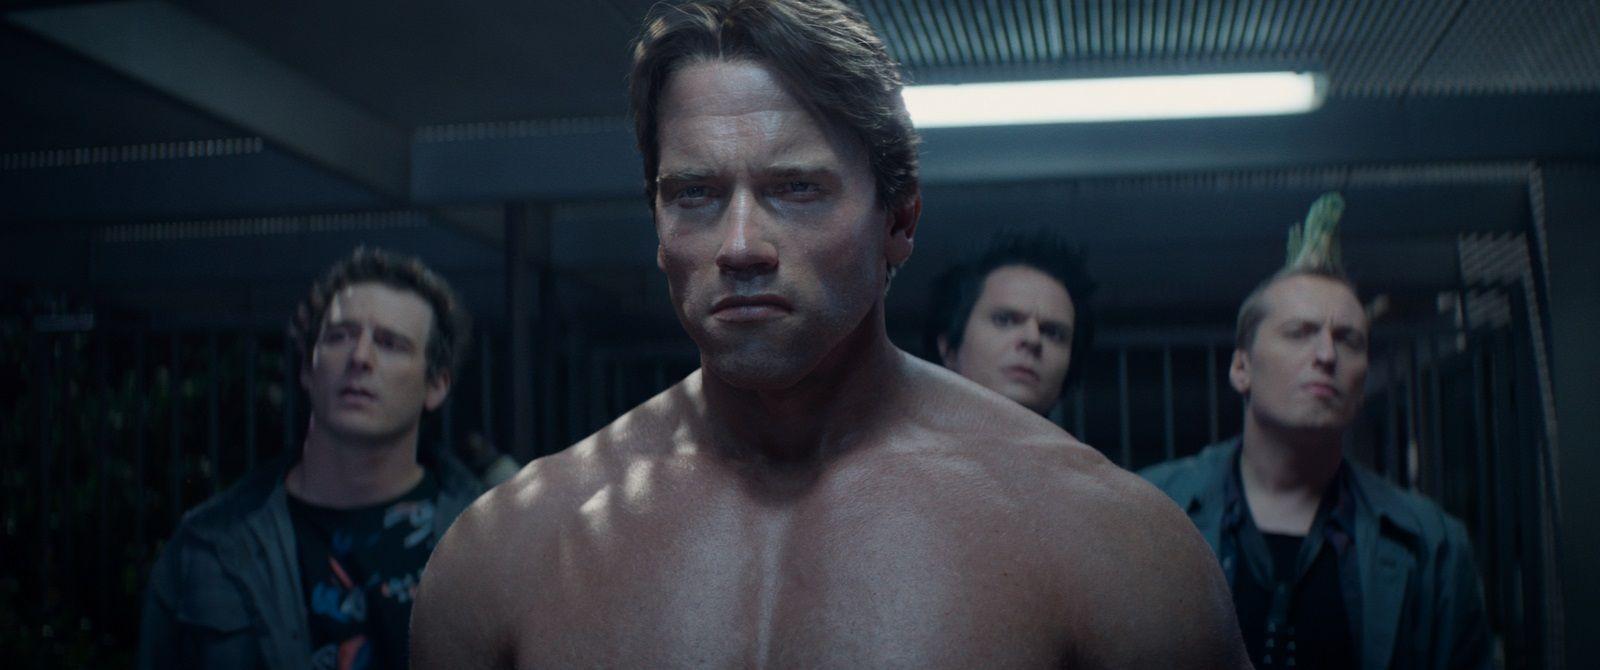 Terminator Genisys : Pourquoi nous avons bien aimé le film ...